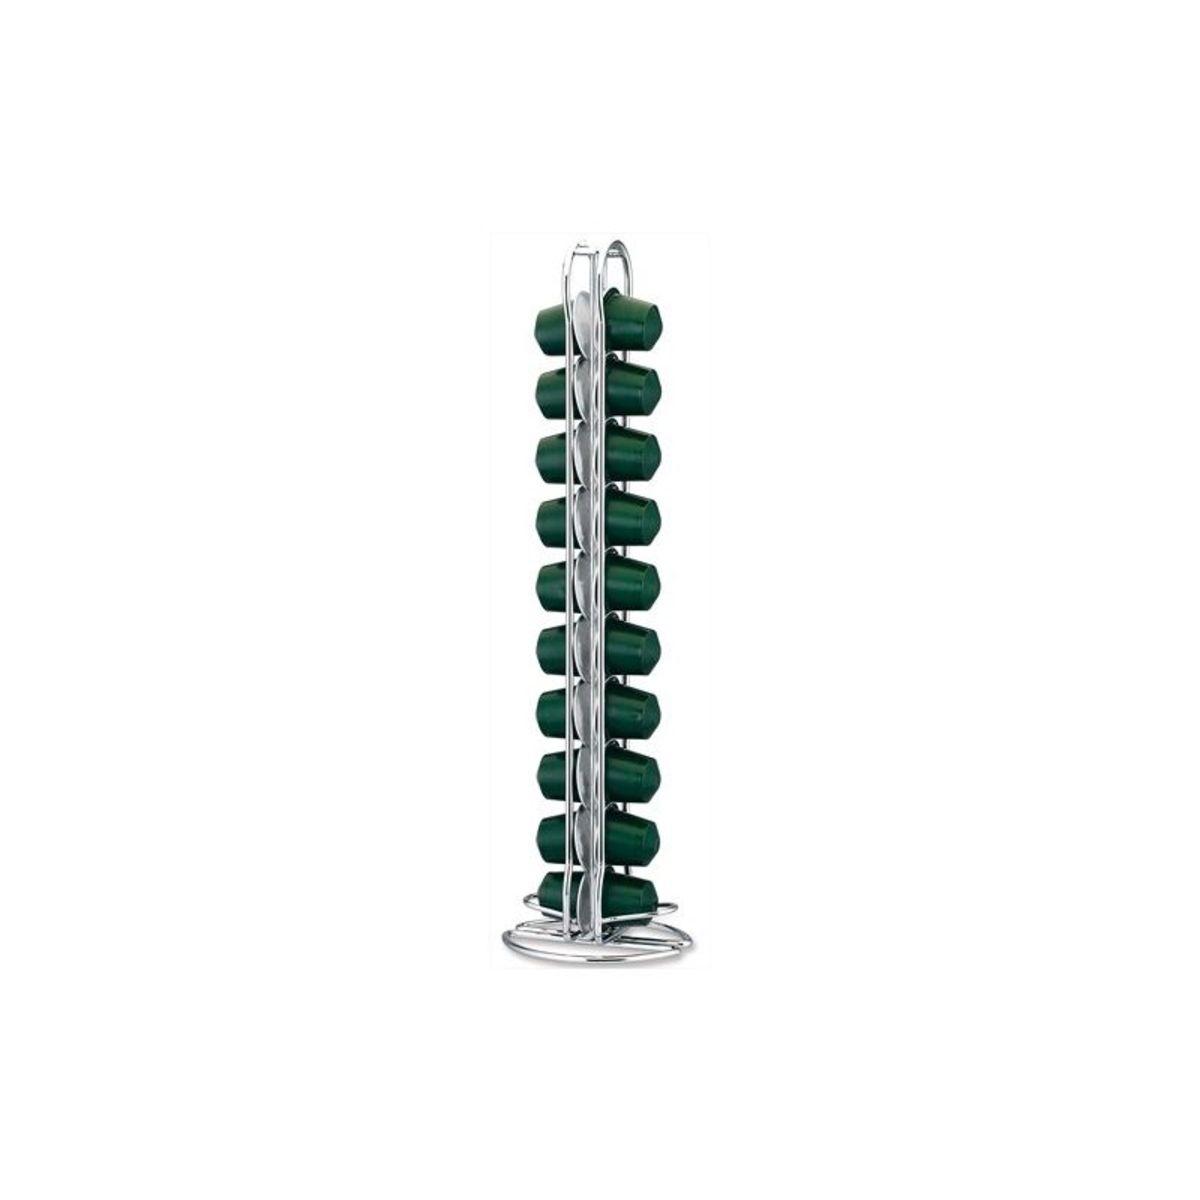 accessoires electromenager 50928 Rangement pour Dosettes Nespresso